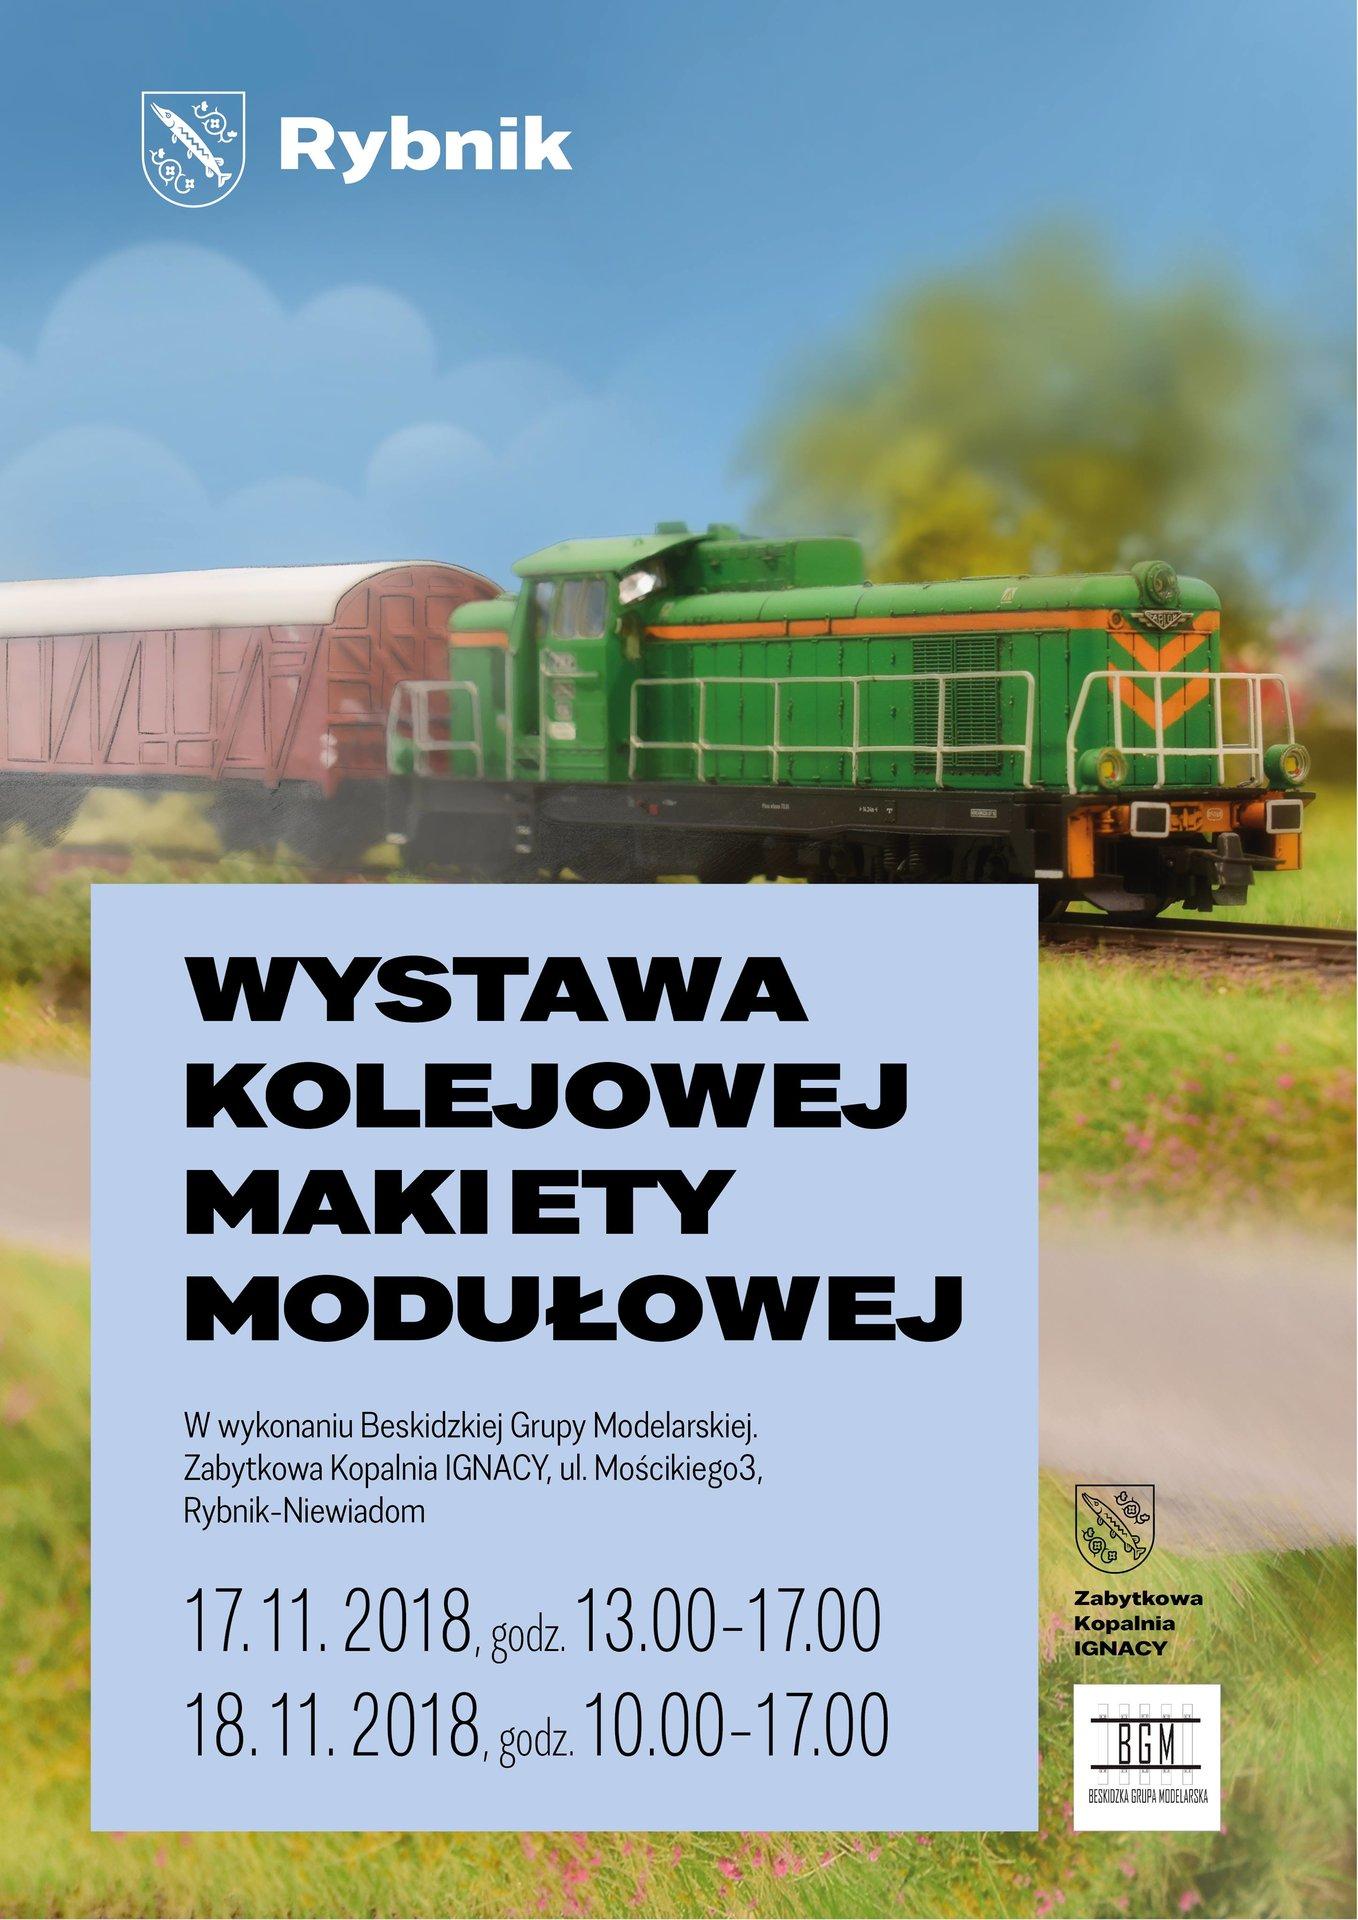 Plakat wystawy makiety modułowej Wystawa Rybnik 2018